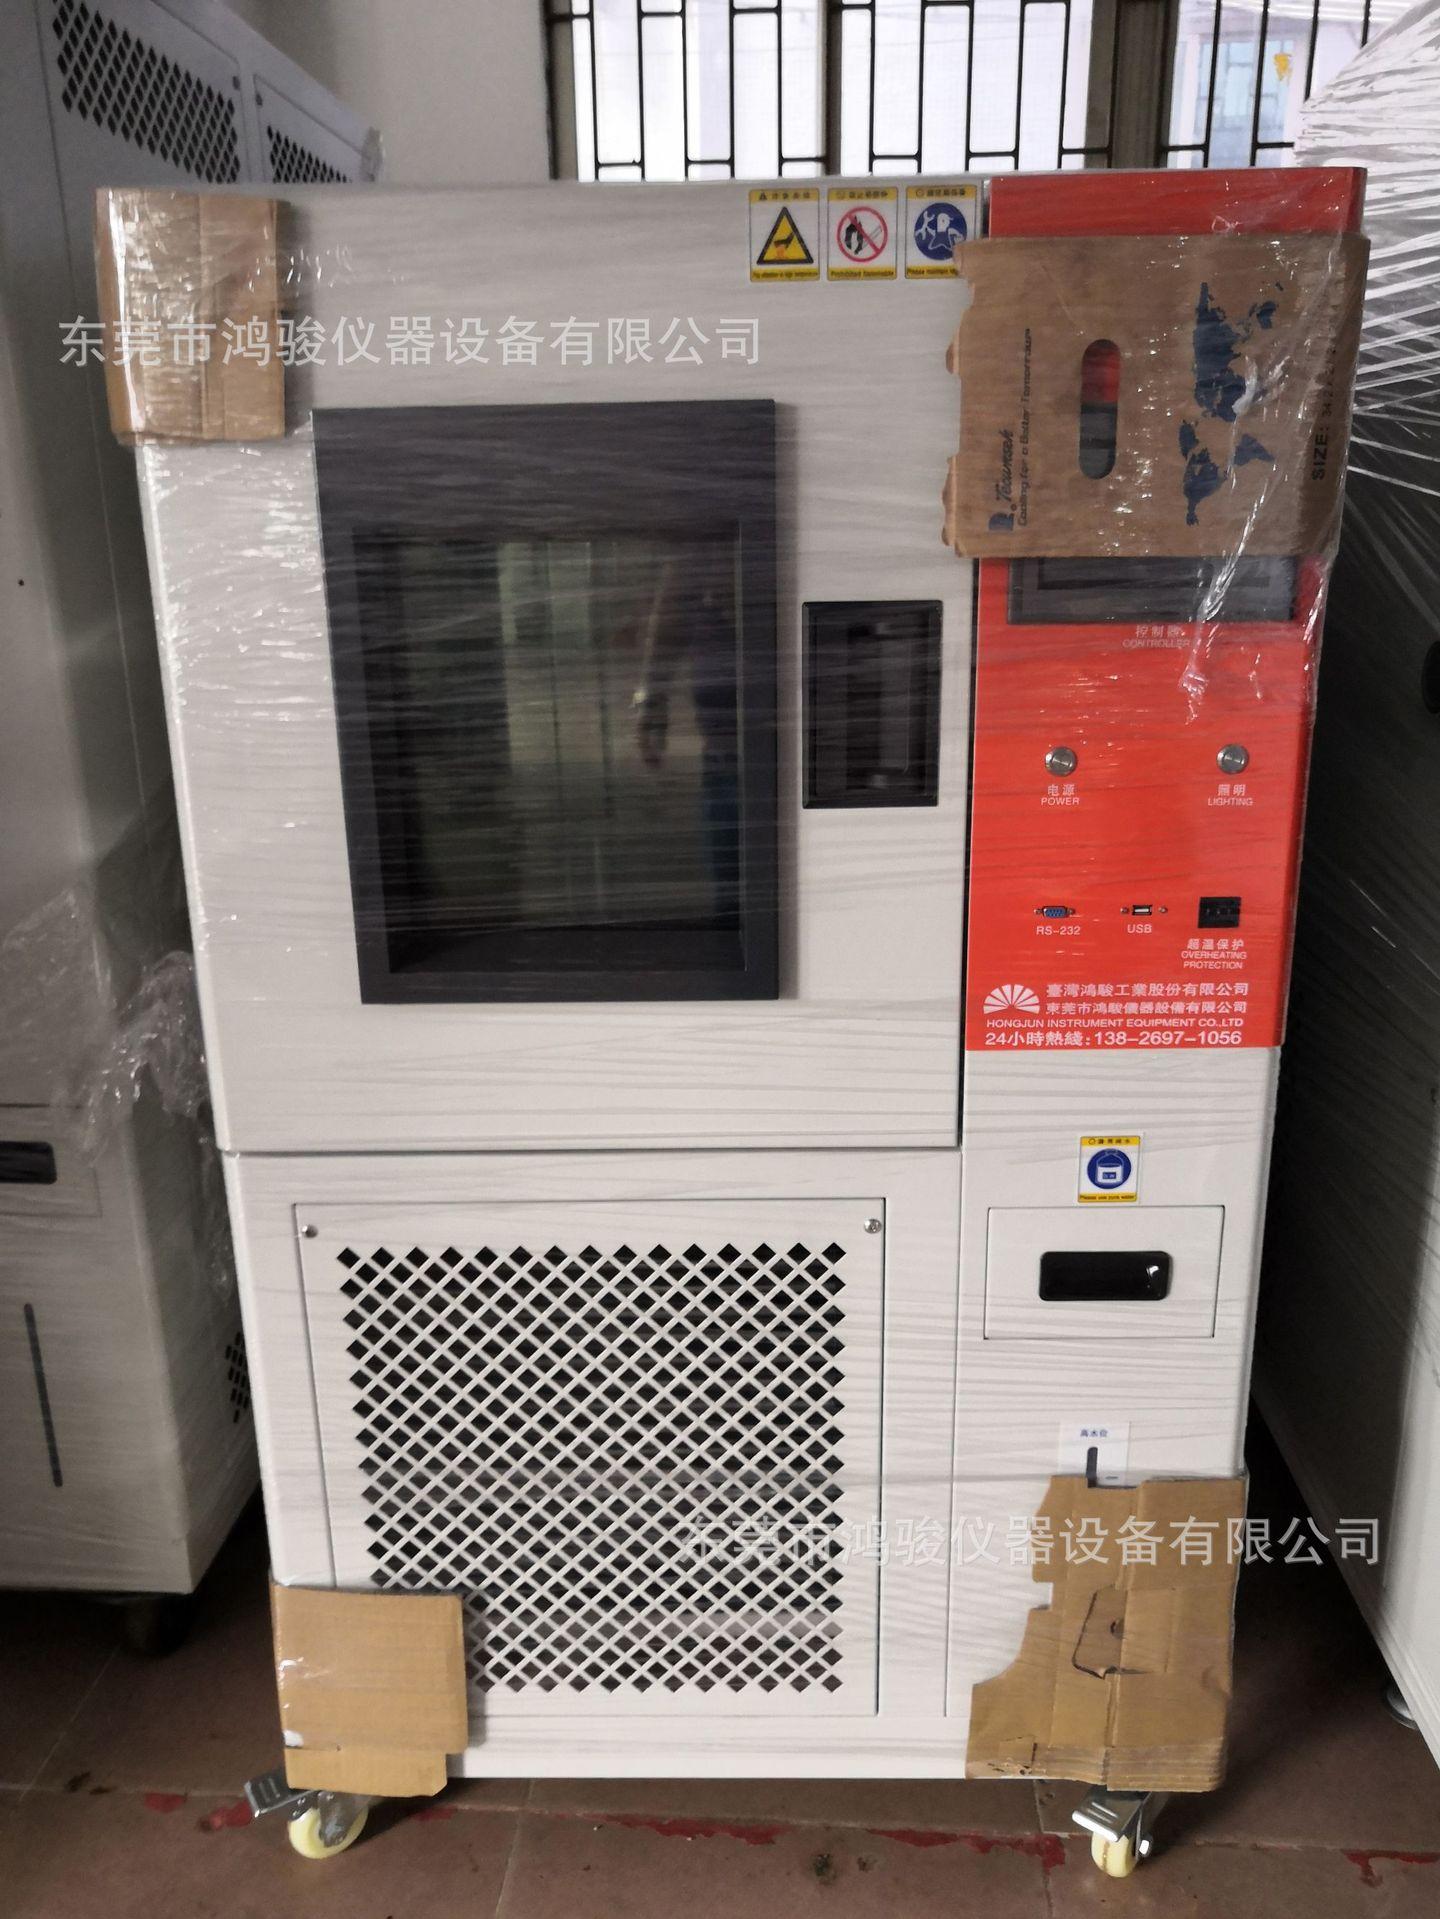 恒温恒湿,恒温恒湿箱,恒温恒湿试验箱,恒温机,恒温恒湿试验机